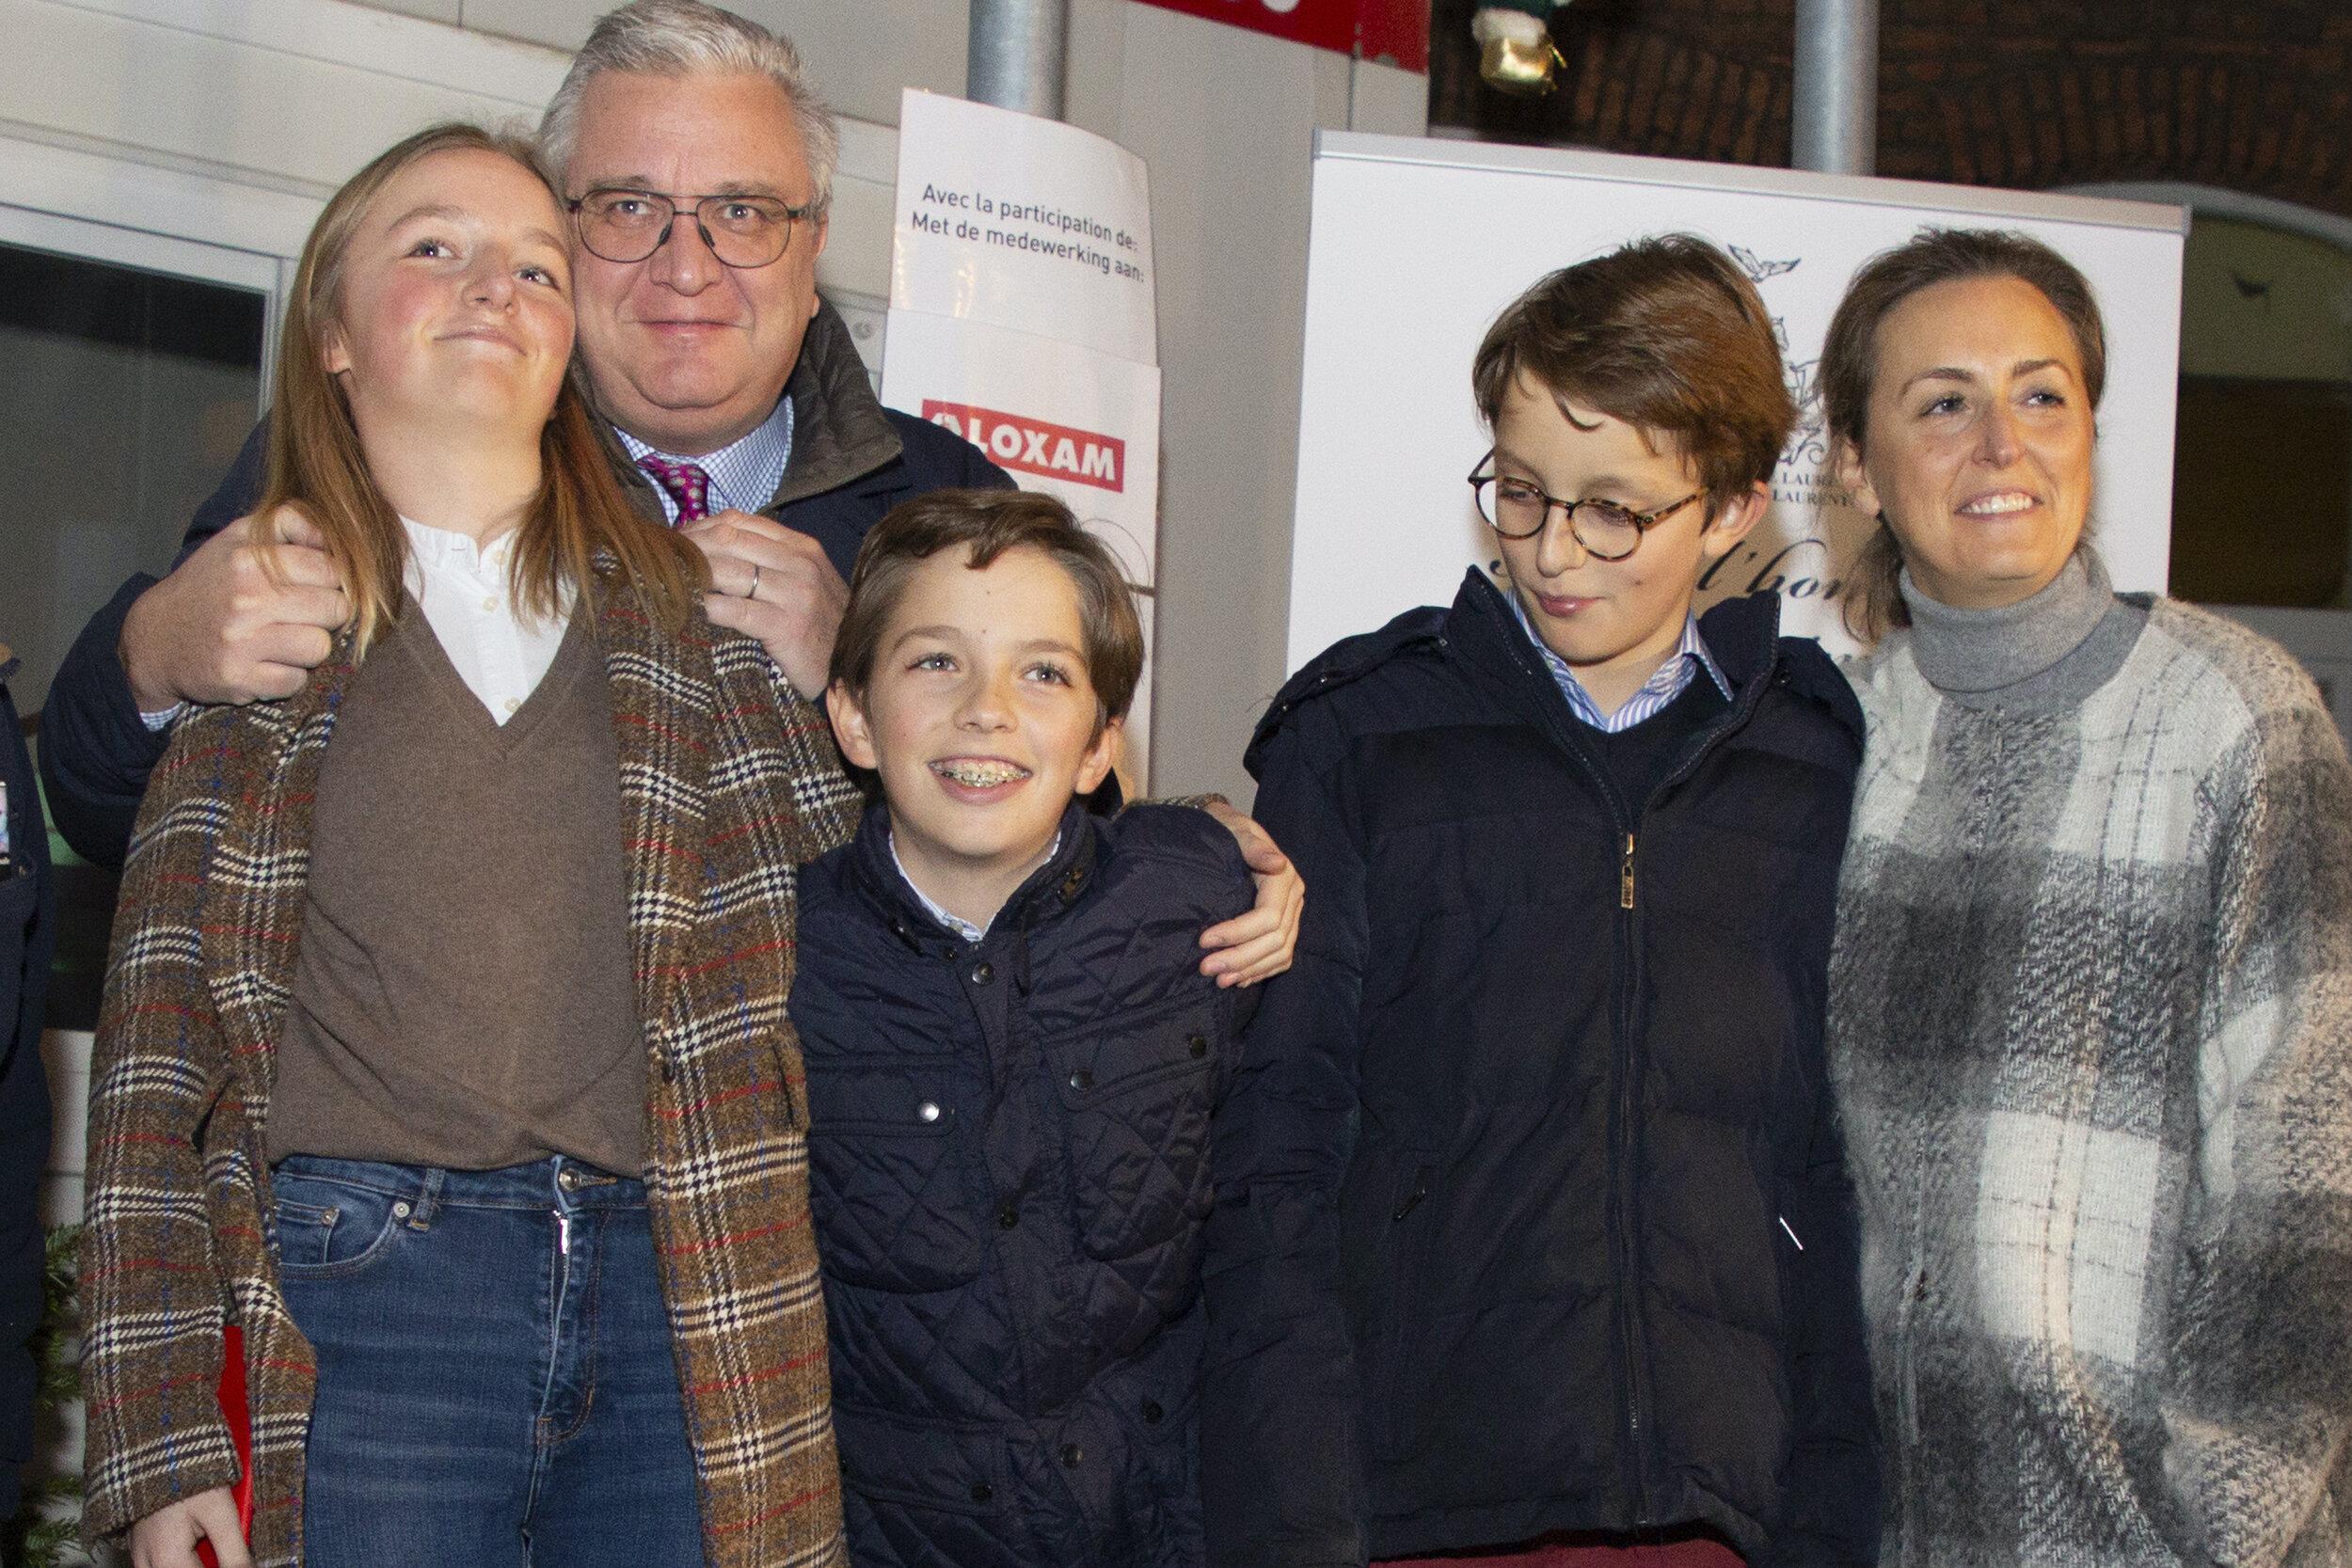 Prinz Laurent und seine Frau Prinzessin Claire mit Tochter Louise und den Söhnen Aymeric und Nicolas (r.). © picture alliance/Hatim Kaghat/BELGA/dpa